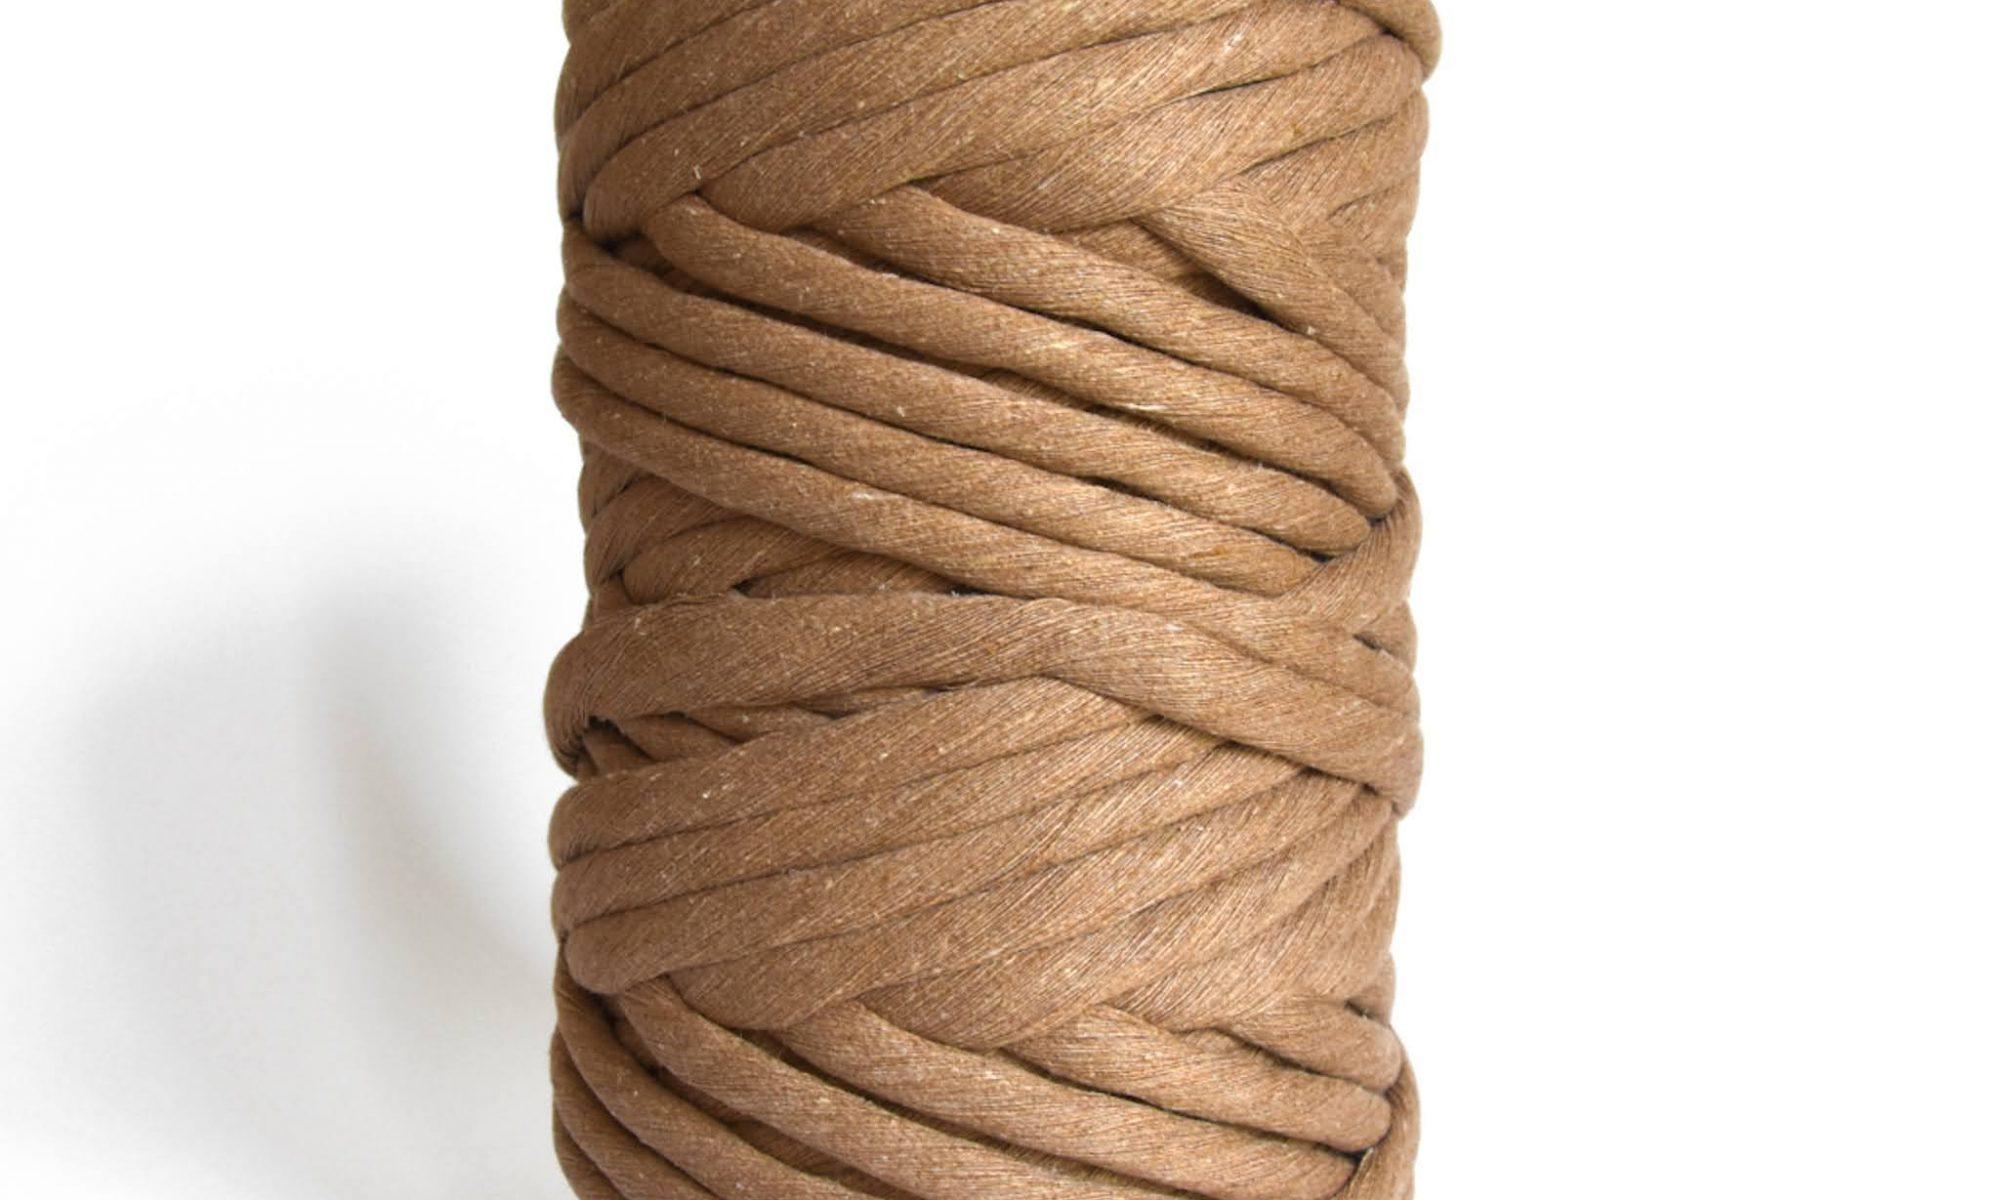 Creadoodle luxe collection katoen koord touw voor macrame weven en meer 9 en 12 mm chunky gerecycled katoen in Mocha